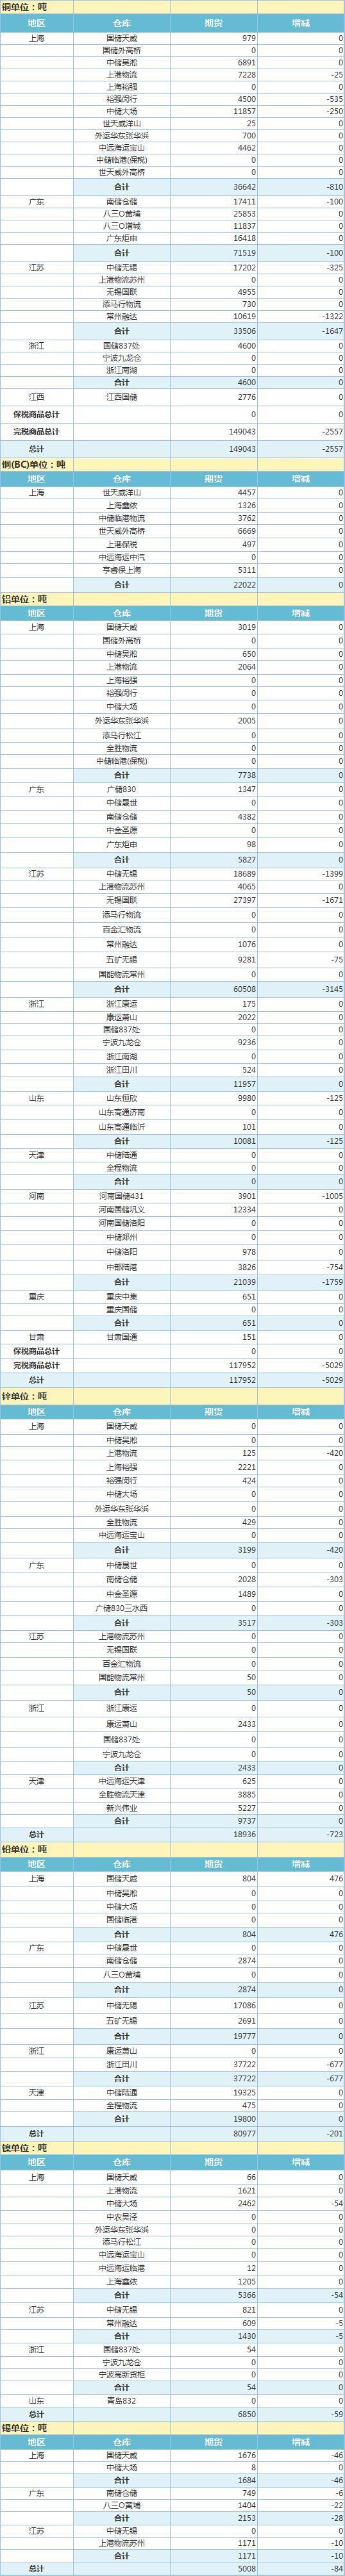 6月2日上海期 货交 易所金属库存日报